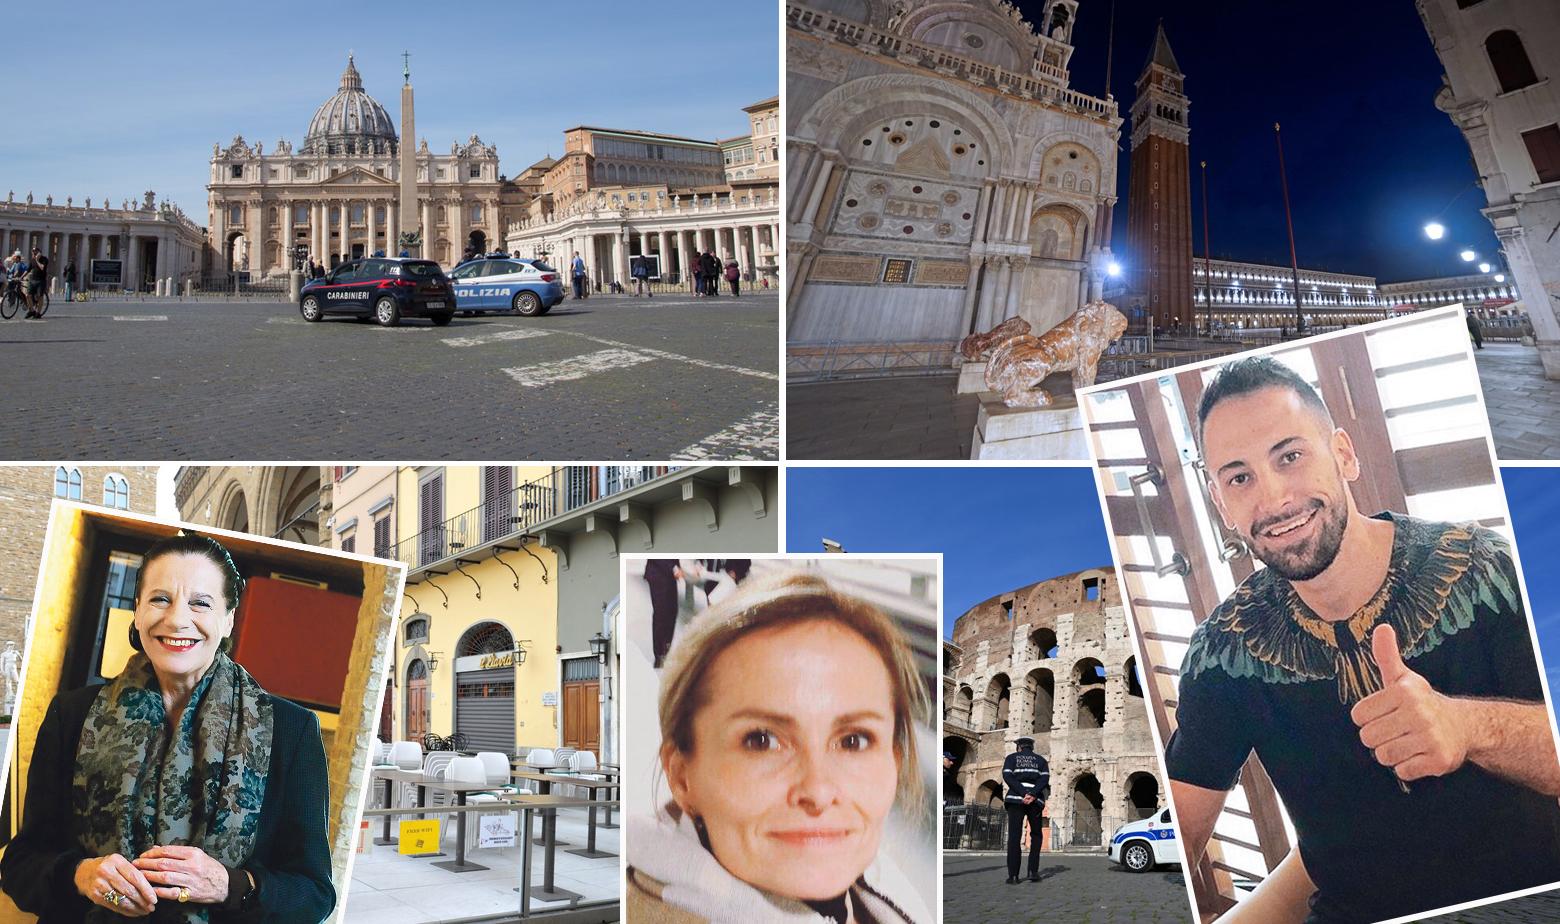 Prizori iz Italije tijekom karantene i Hrvatice i Hrvati koji tamo žive i rade